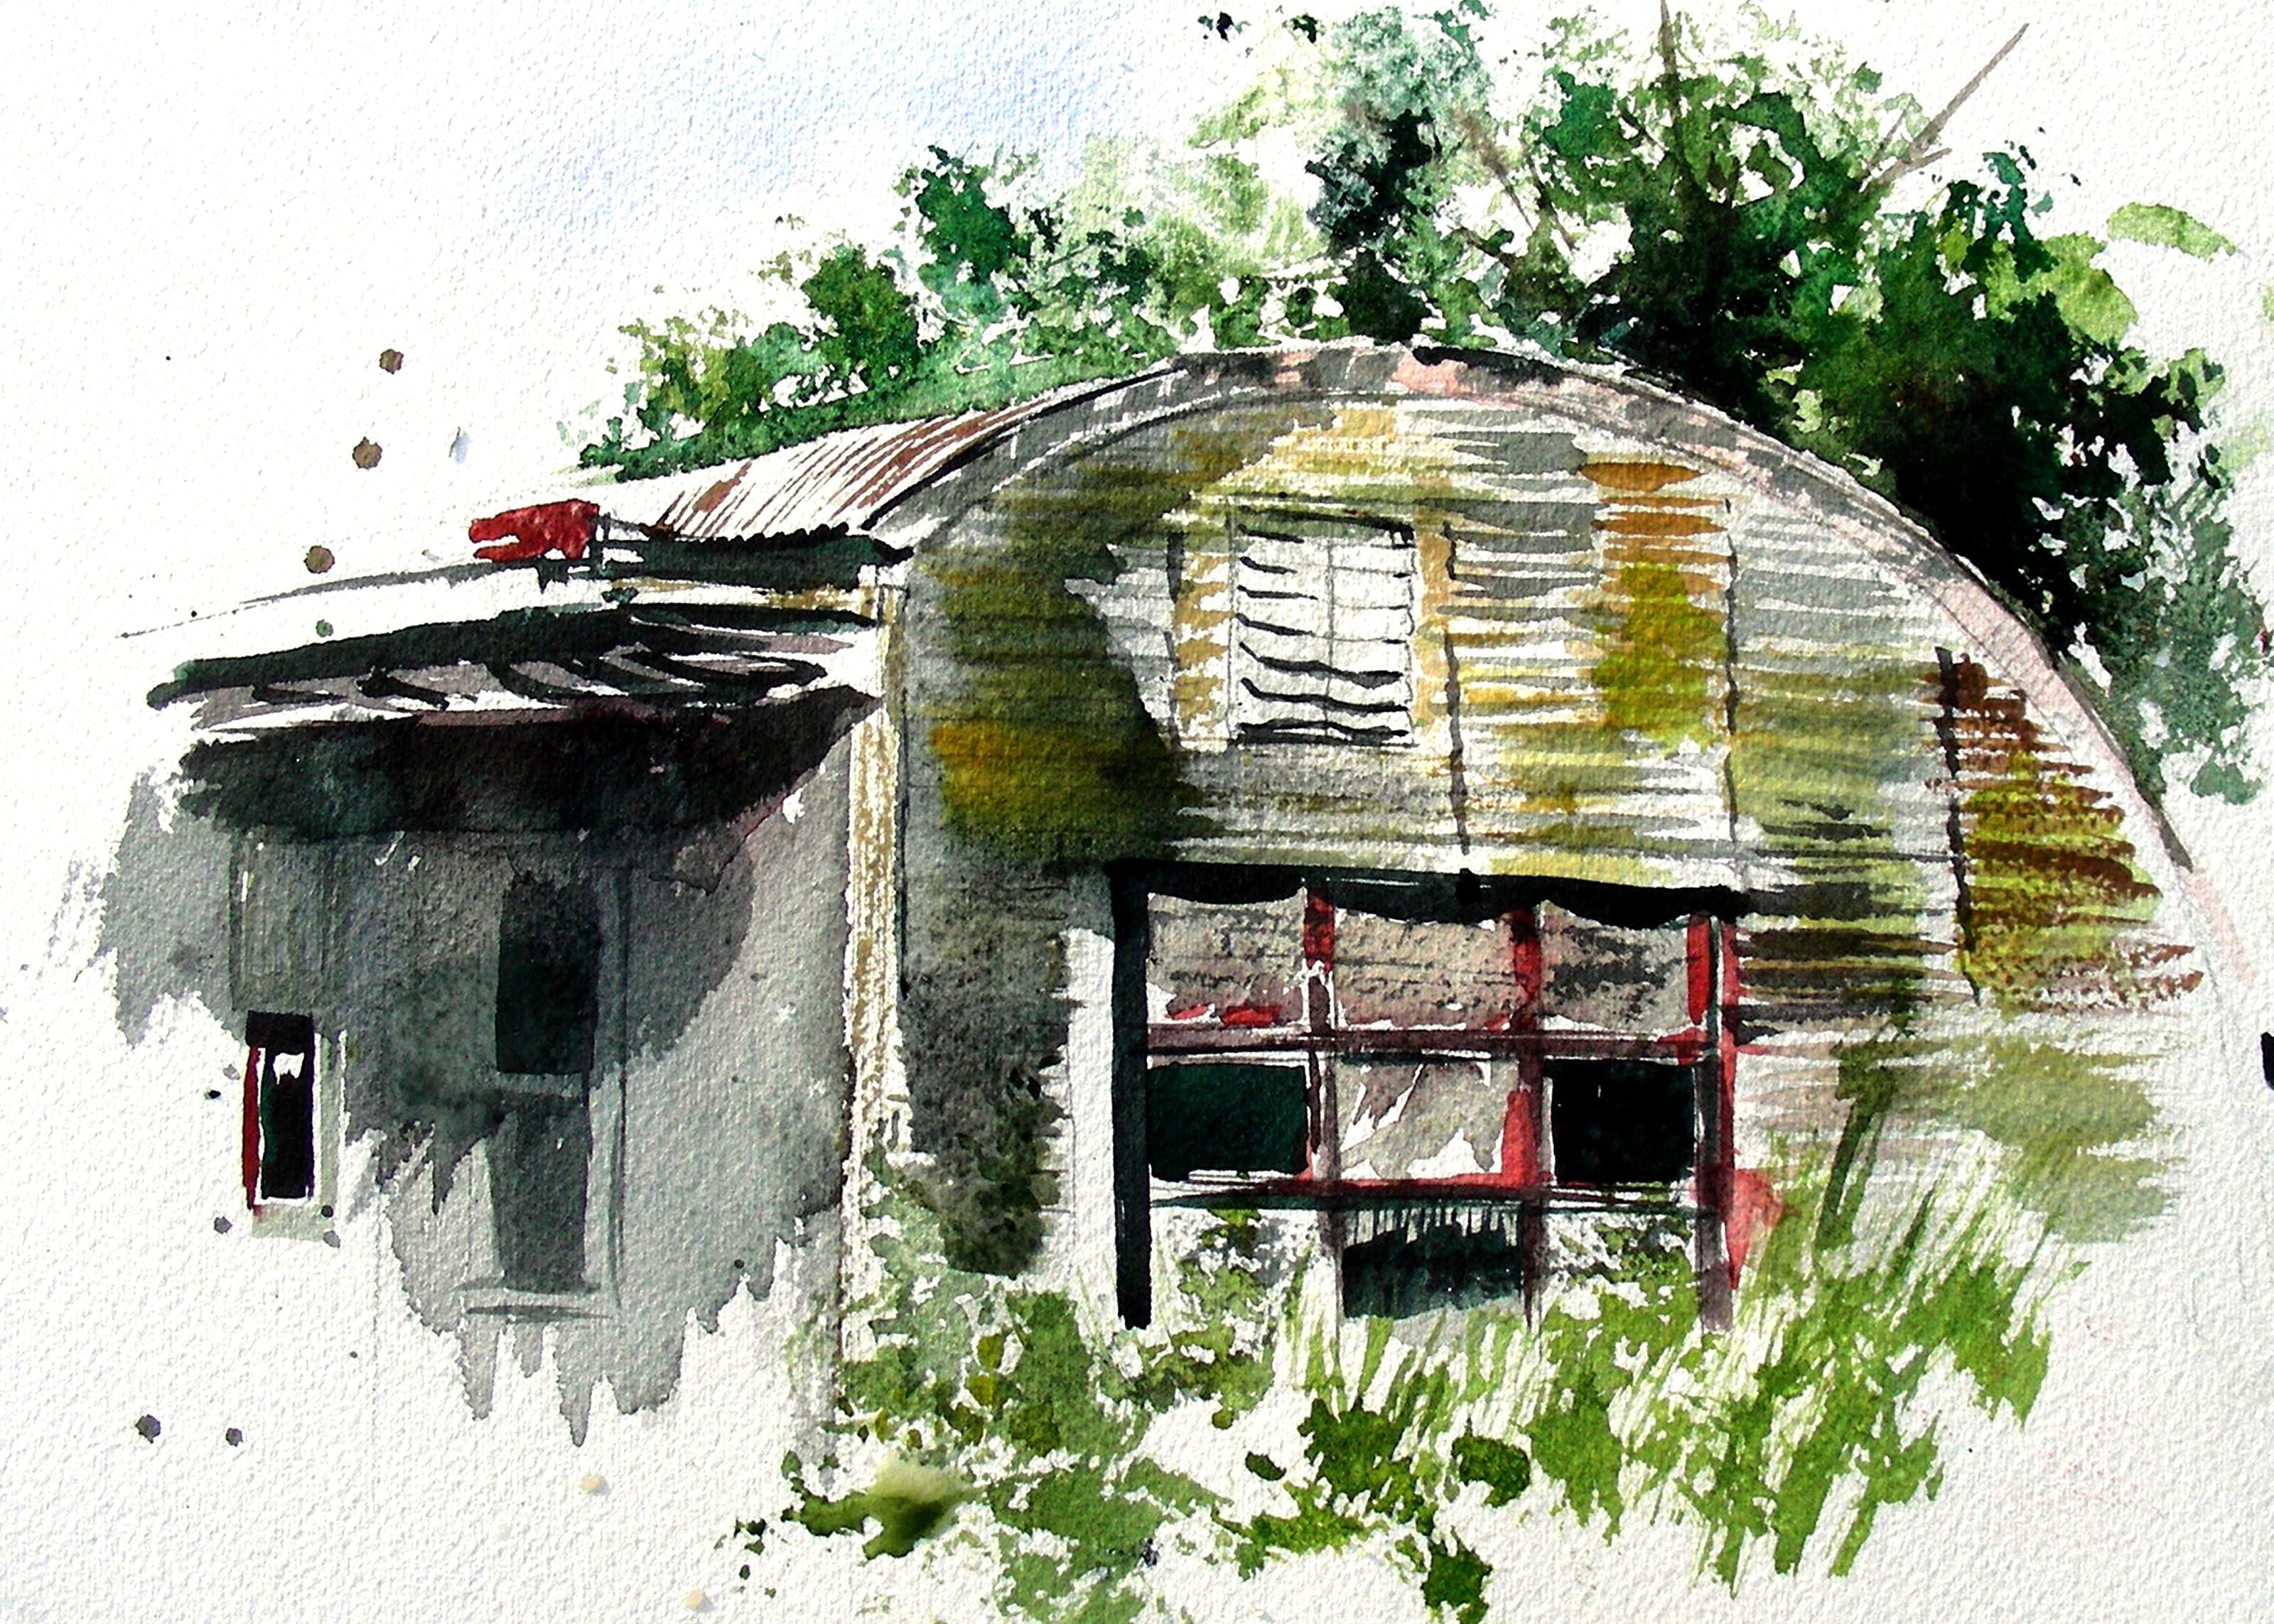 Plein Air Watercolor Sketch